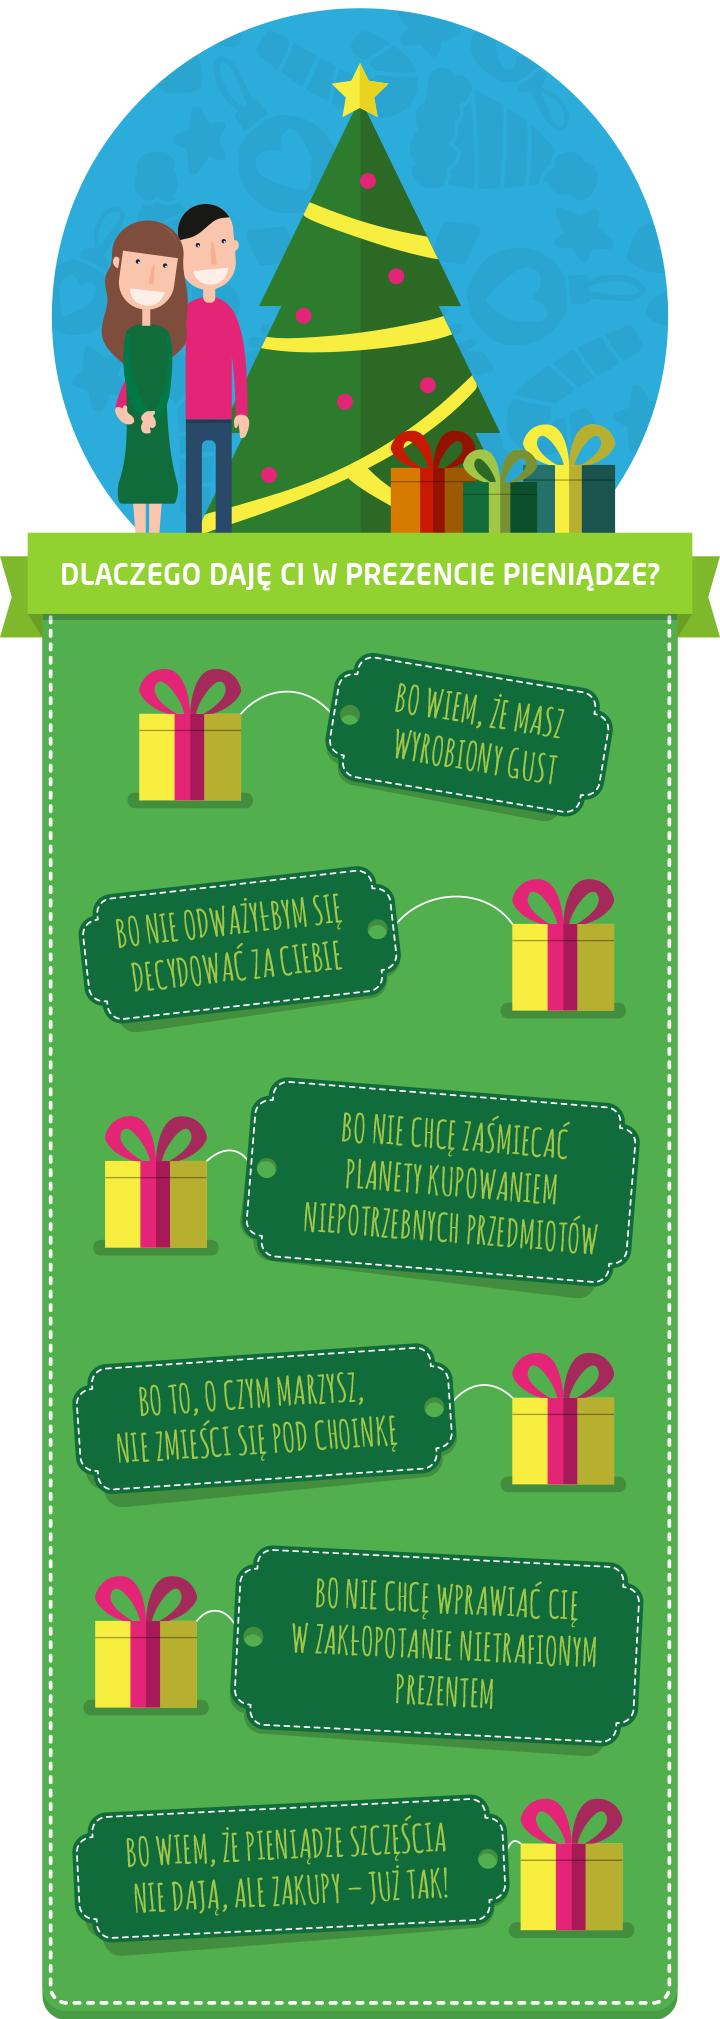 gotówka na święta czy wypada - savoir vivre infografika